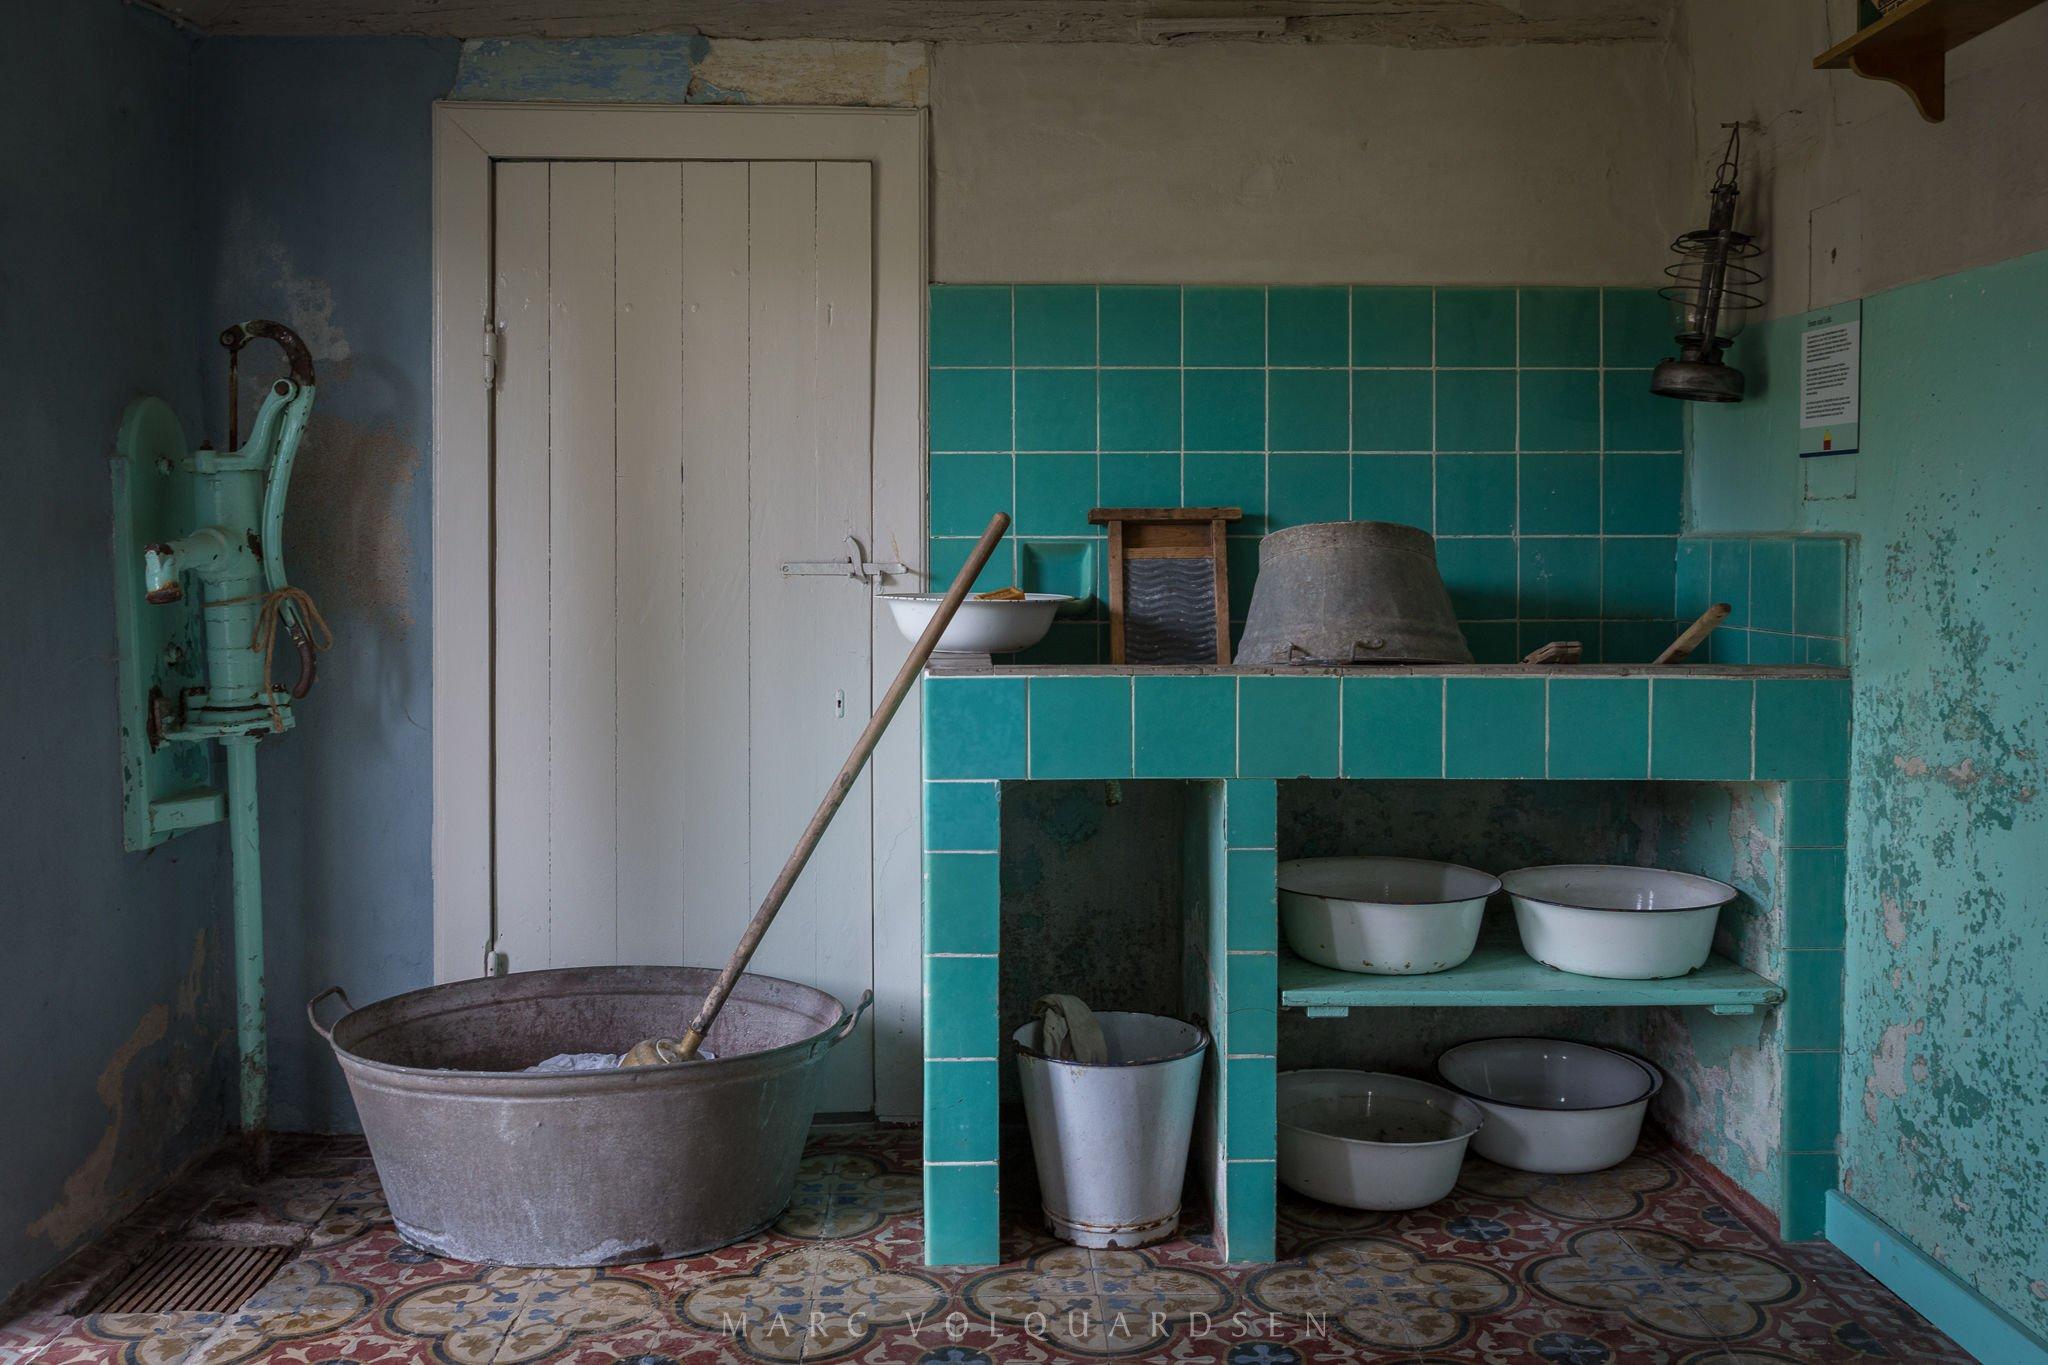 Stellmacherei - Waschstube (0166)